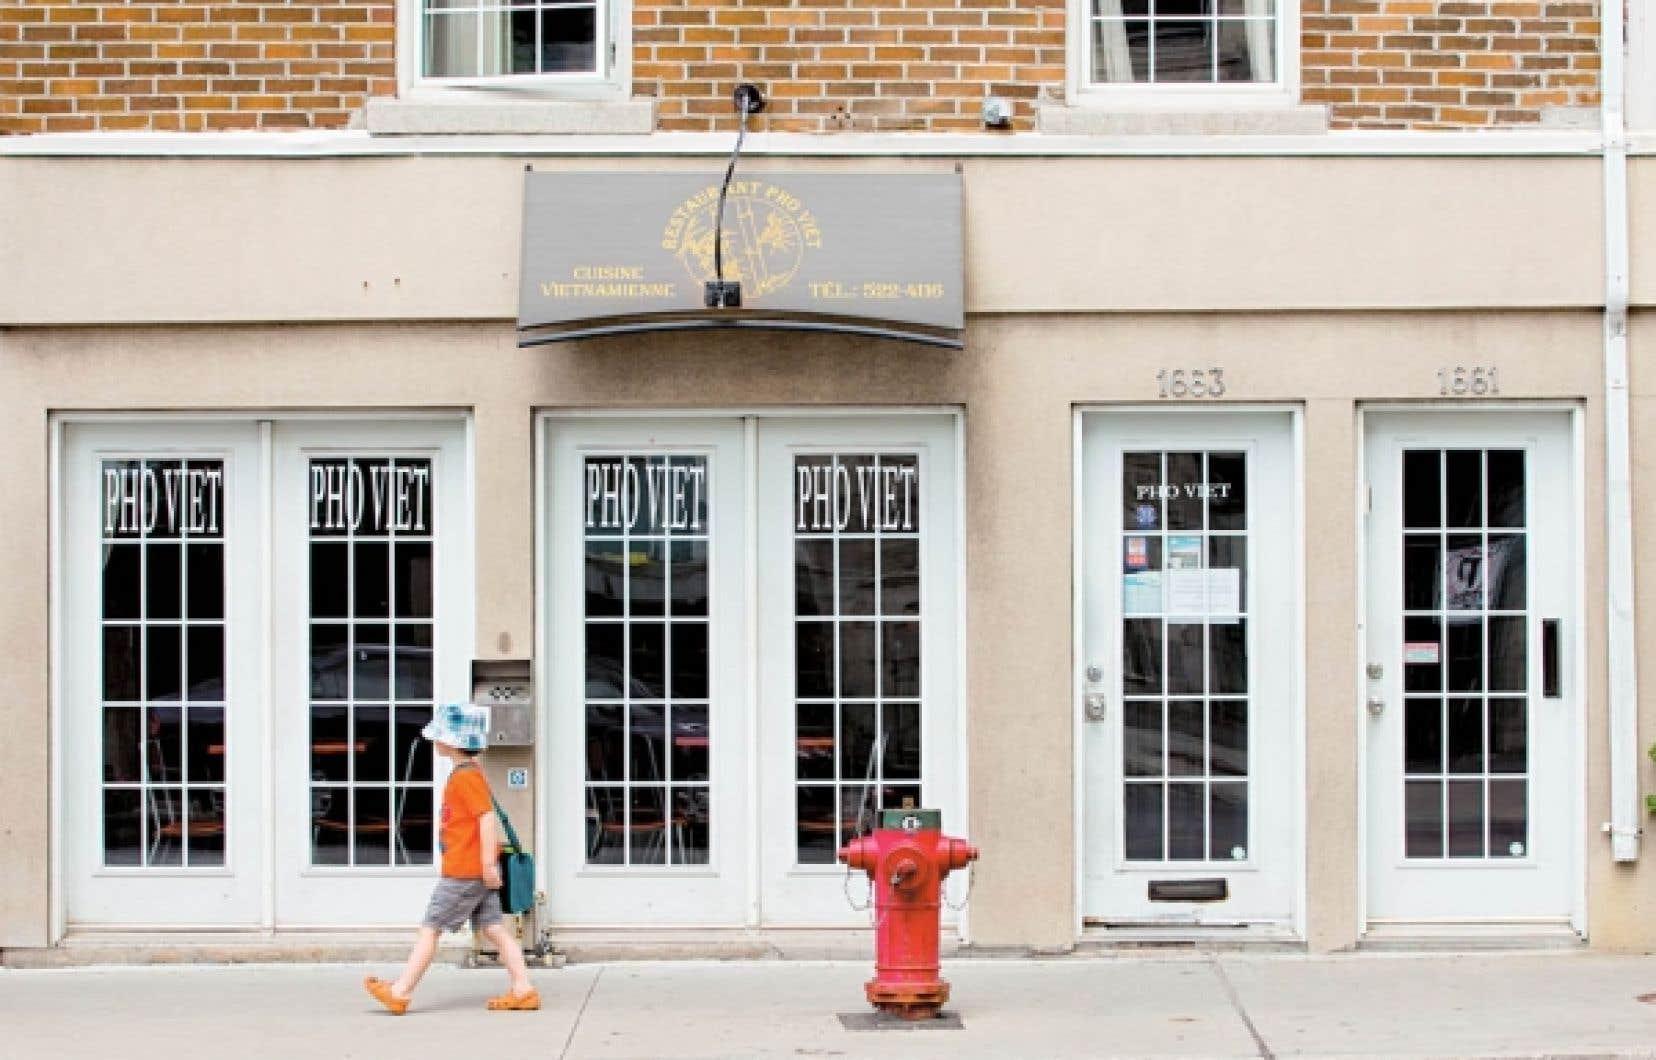 Le restaurant Pho Viet n'attire guère le visiteur par sa façade extérieure, ni par l'intérieur exigu. Nous ne sommes pas ici dans un restaurant gastronomique, bien que cela soit relatif, selon les goûts de chacun. Notre but est de découvrir l'exotisme culinaire qui, on le sait, ne rime pas toujours avec décor et raffinement sur la table.